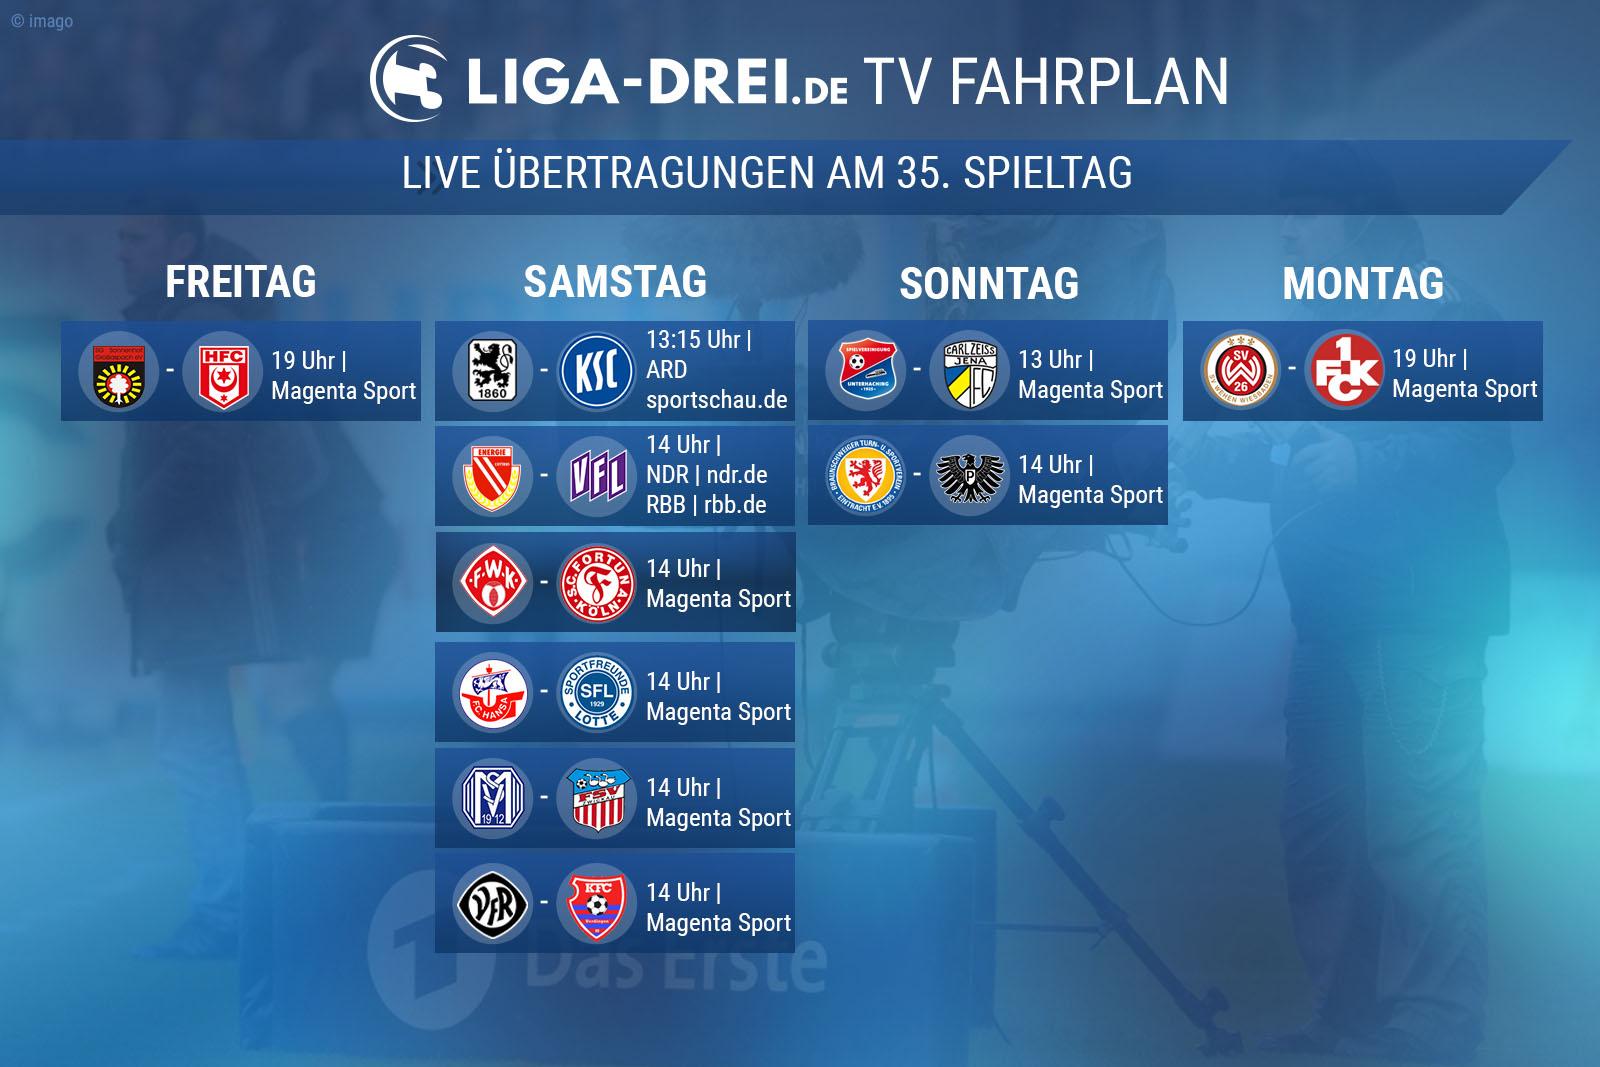 Der TV-Fahrplan für den 35. Spieltag.